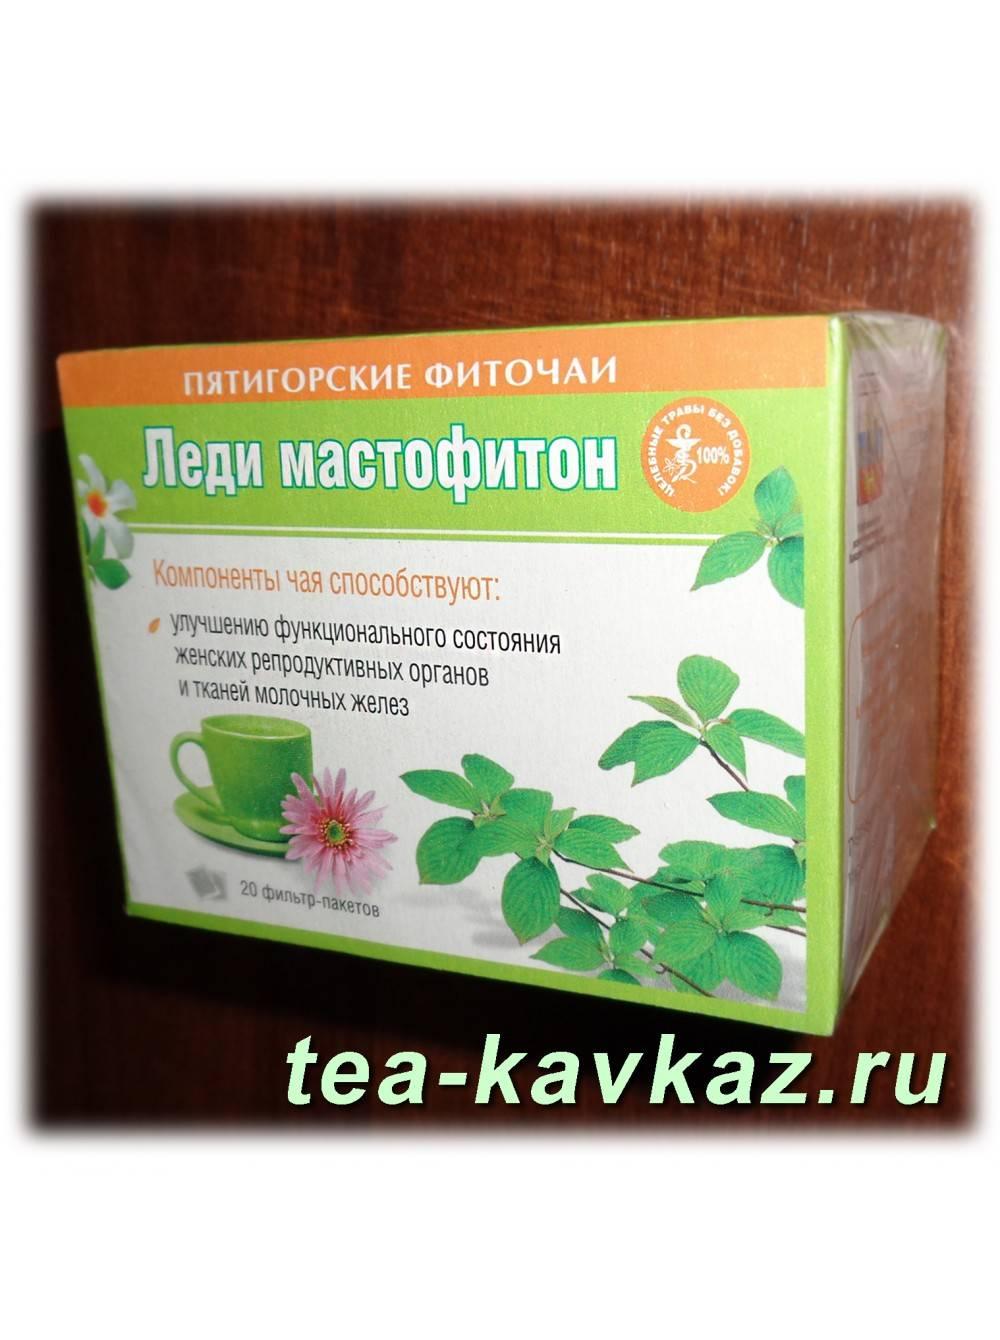 Мастофитон чай побочные действия